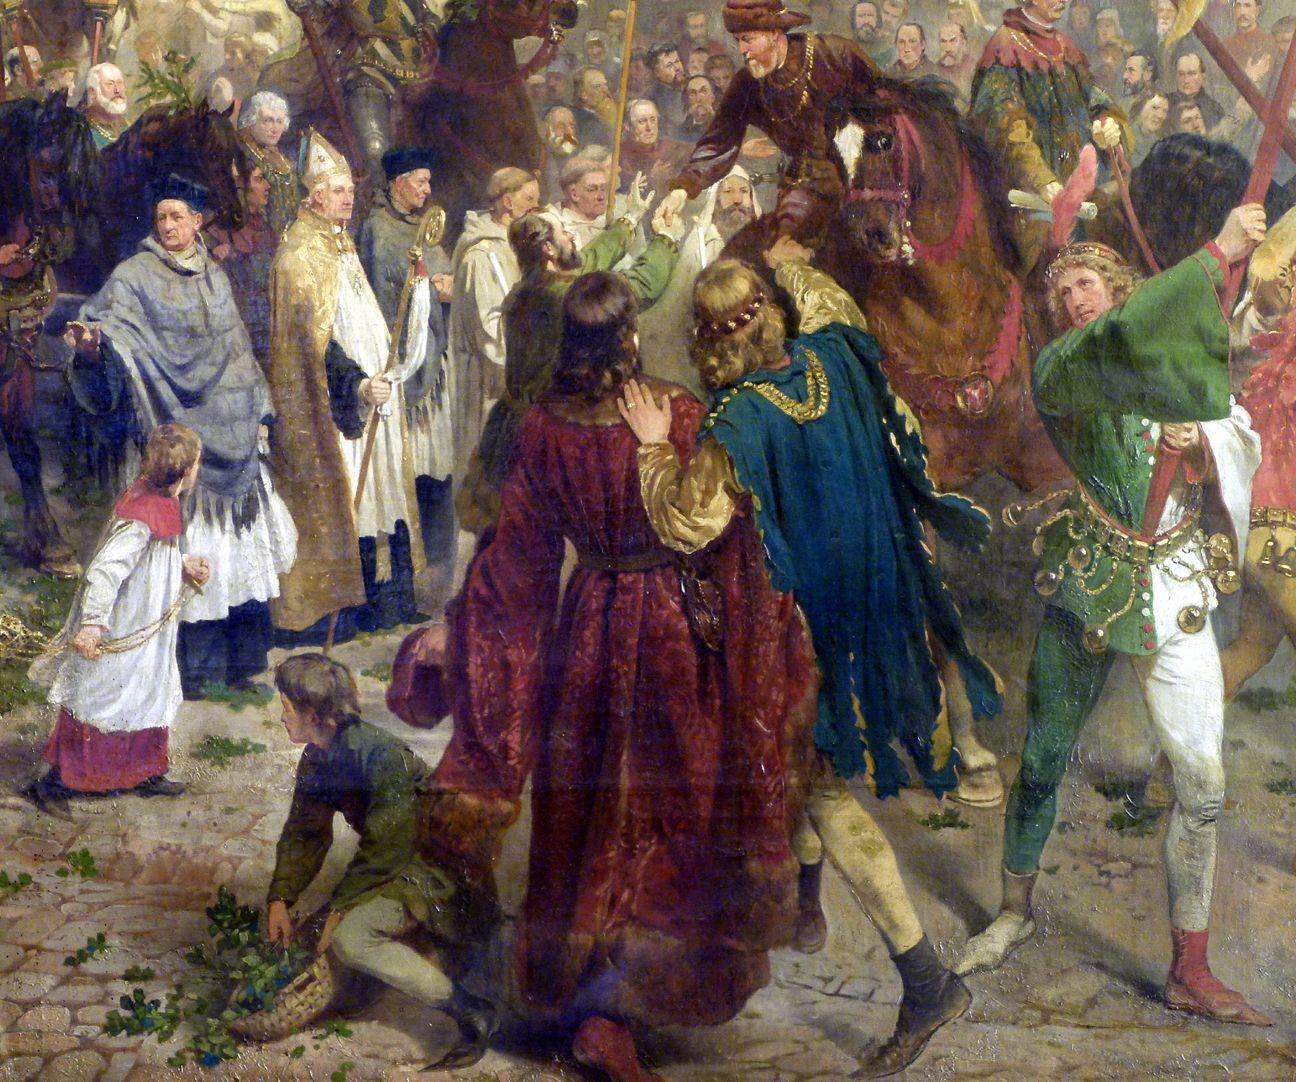 Die Einbringung der Reichskleinodien in Nürnberg am 22. März 1424 Prozession, Detail